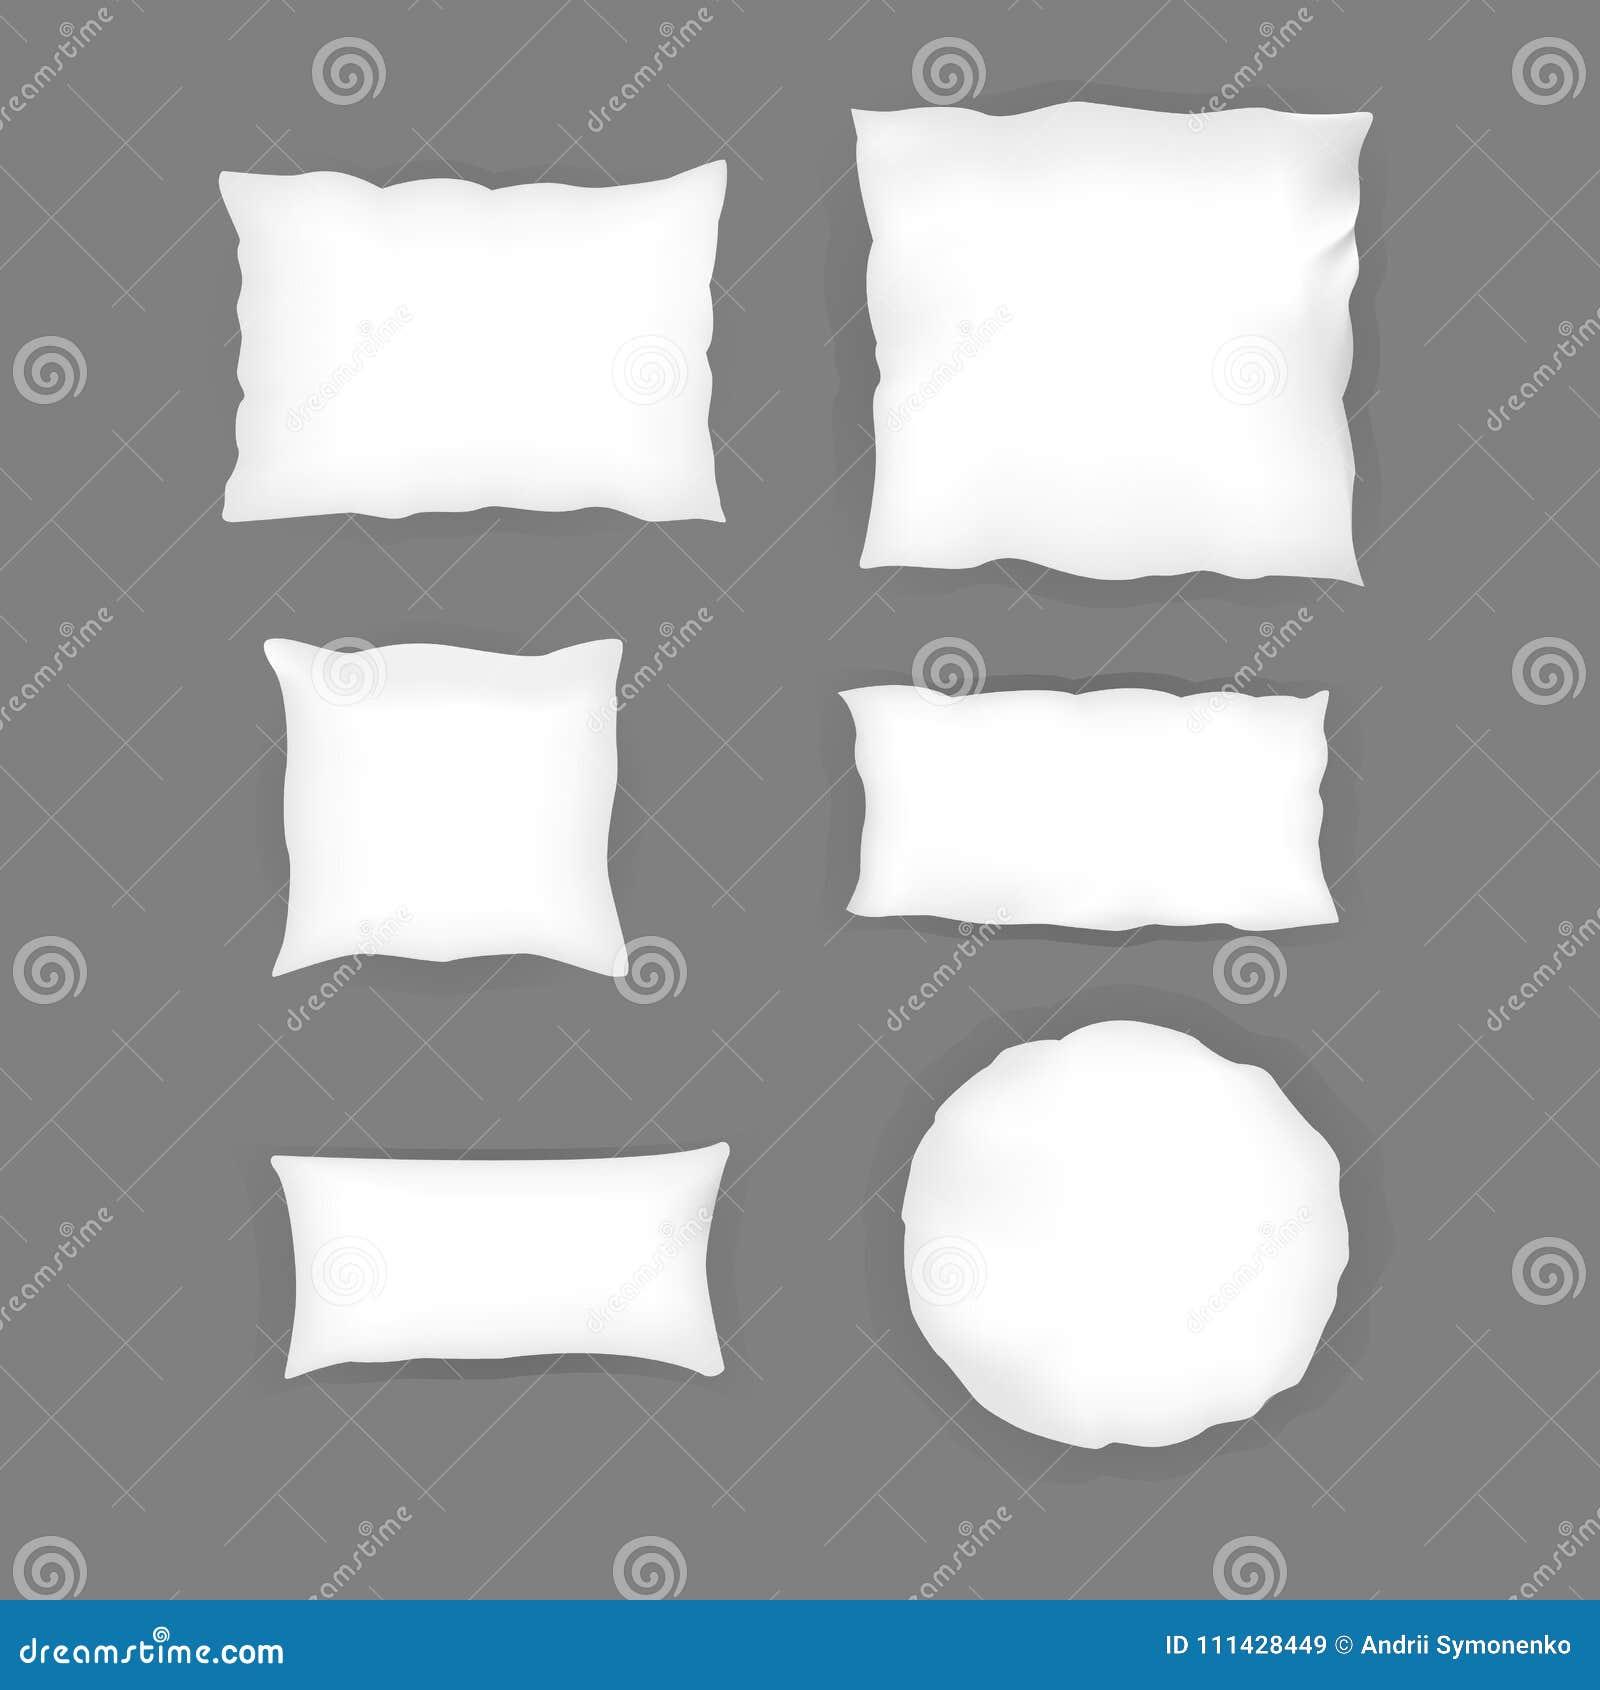 Dimensioni Cuscino Letto.Insieme Bianco Del Cuscino Della Camera Da Letto Realistica